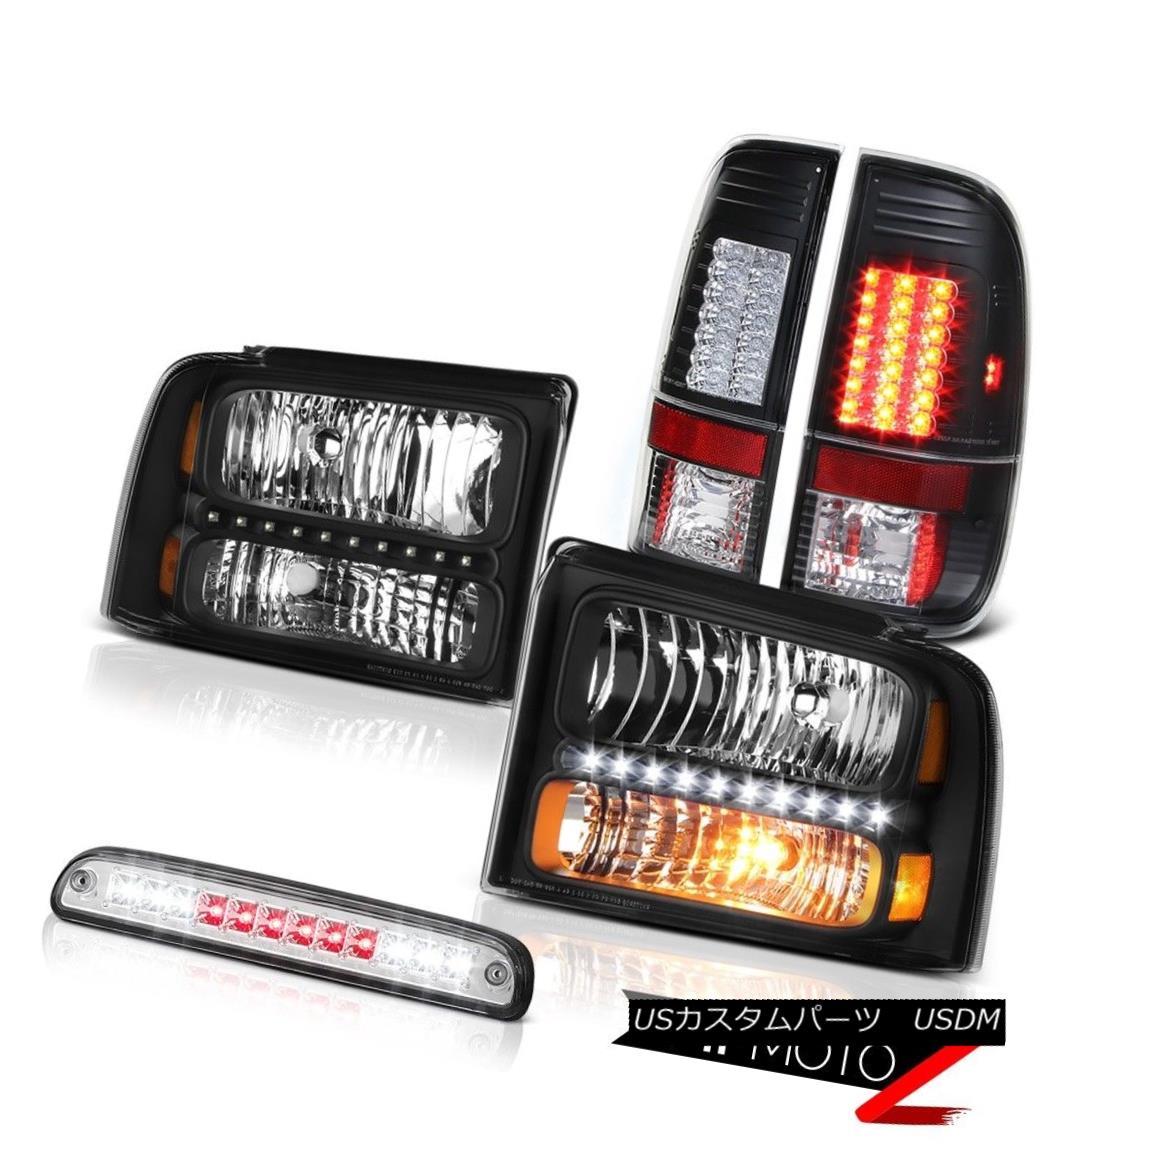 テールライト 05-07 F350 Lariat Satin Black Headlamps Bright LED Tail Lights Roof Brake Chrome 05-07 F350ラリアットサテンブラックヘッドランプ明るいLEDテールライトルーフブレーキクローム